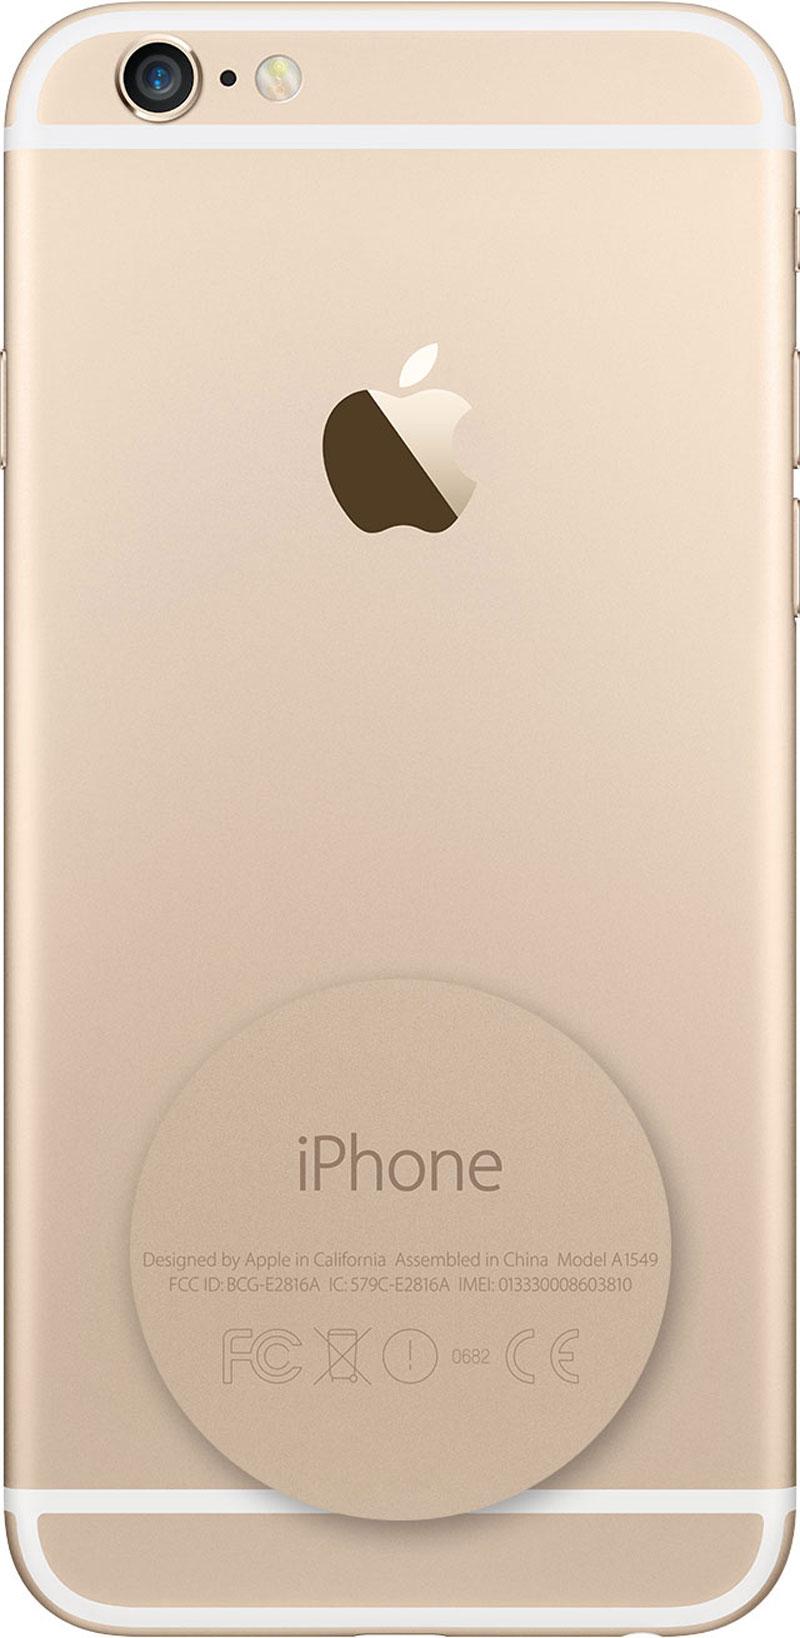 IMEI en un iPhone